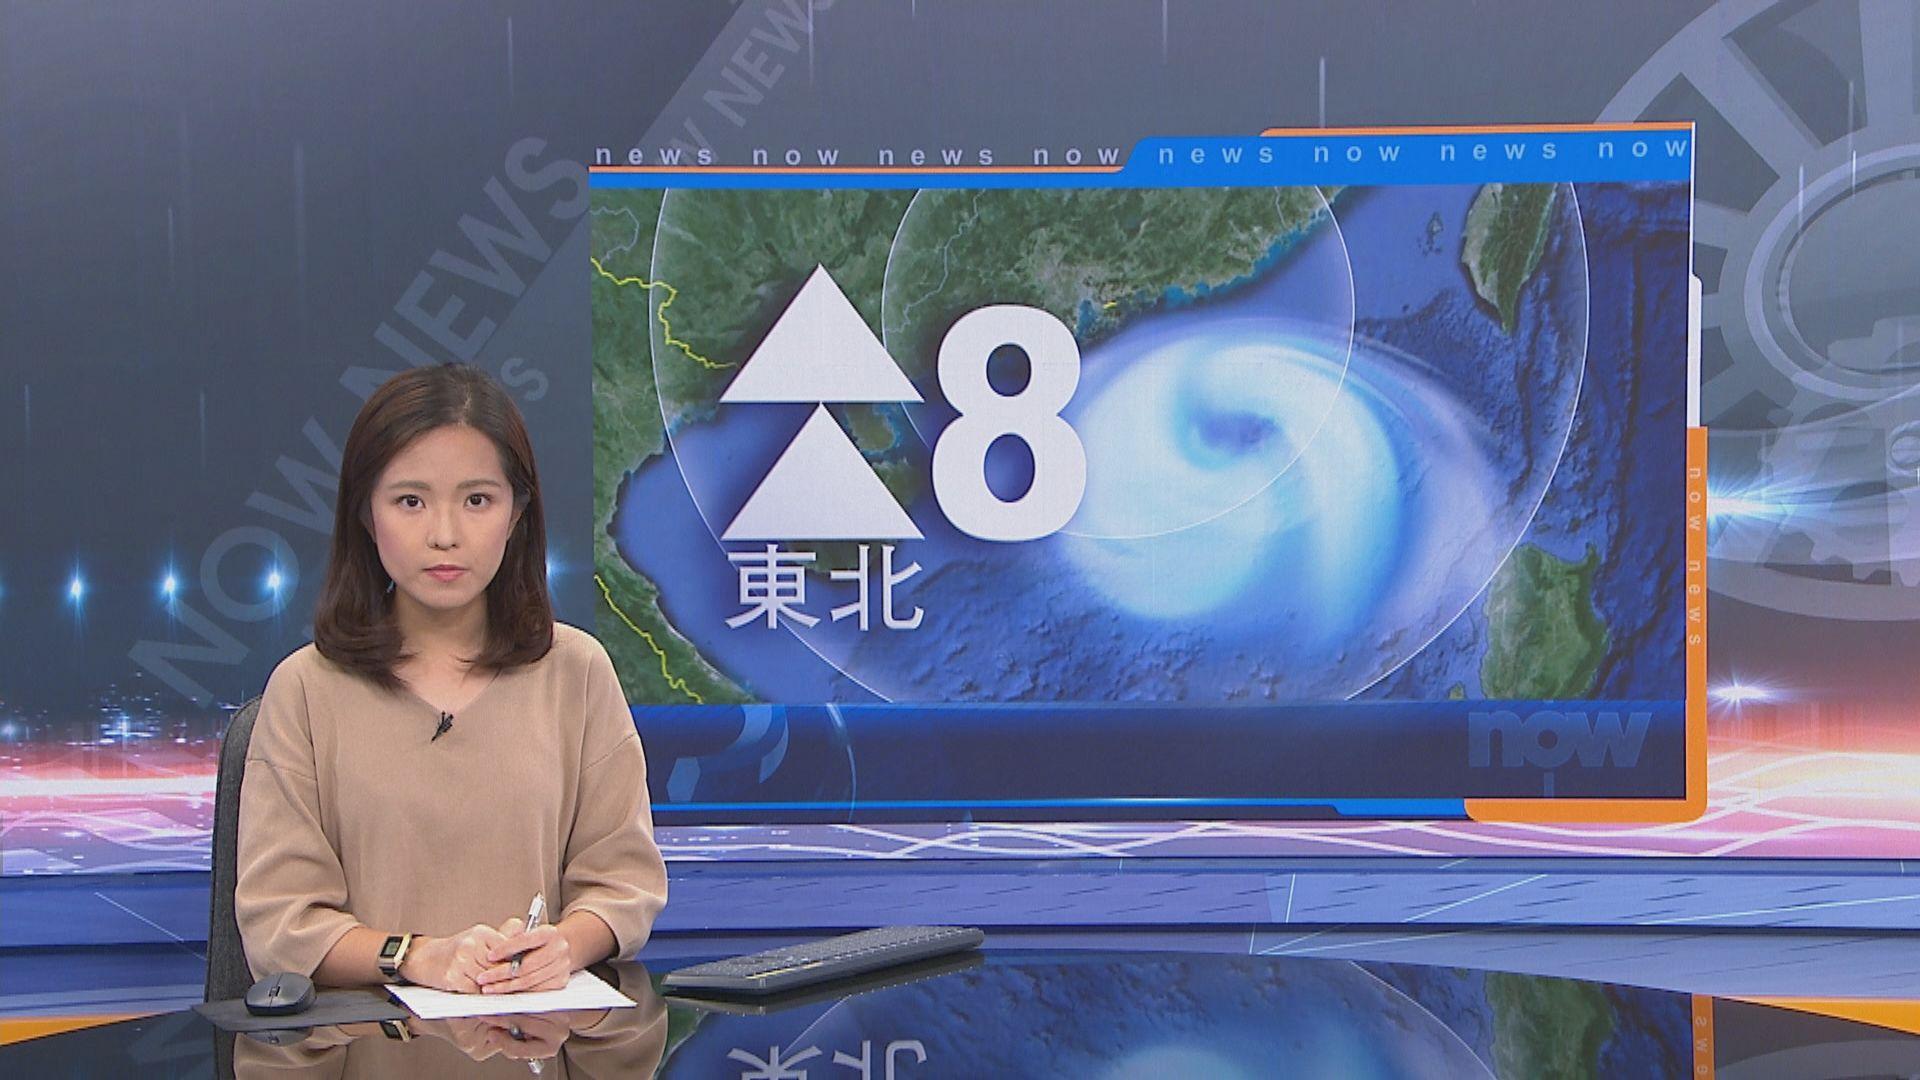 八號東北烈風或暴風信號生效 天文台料維持至日出前